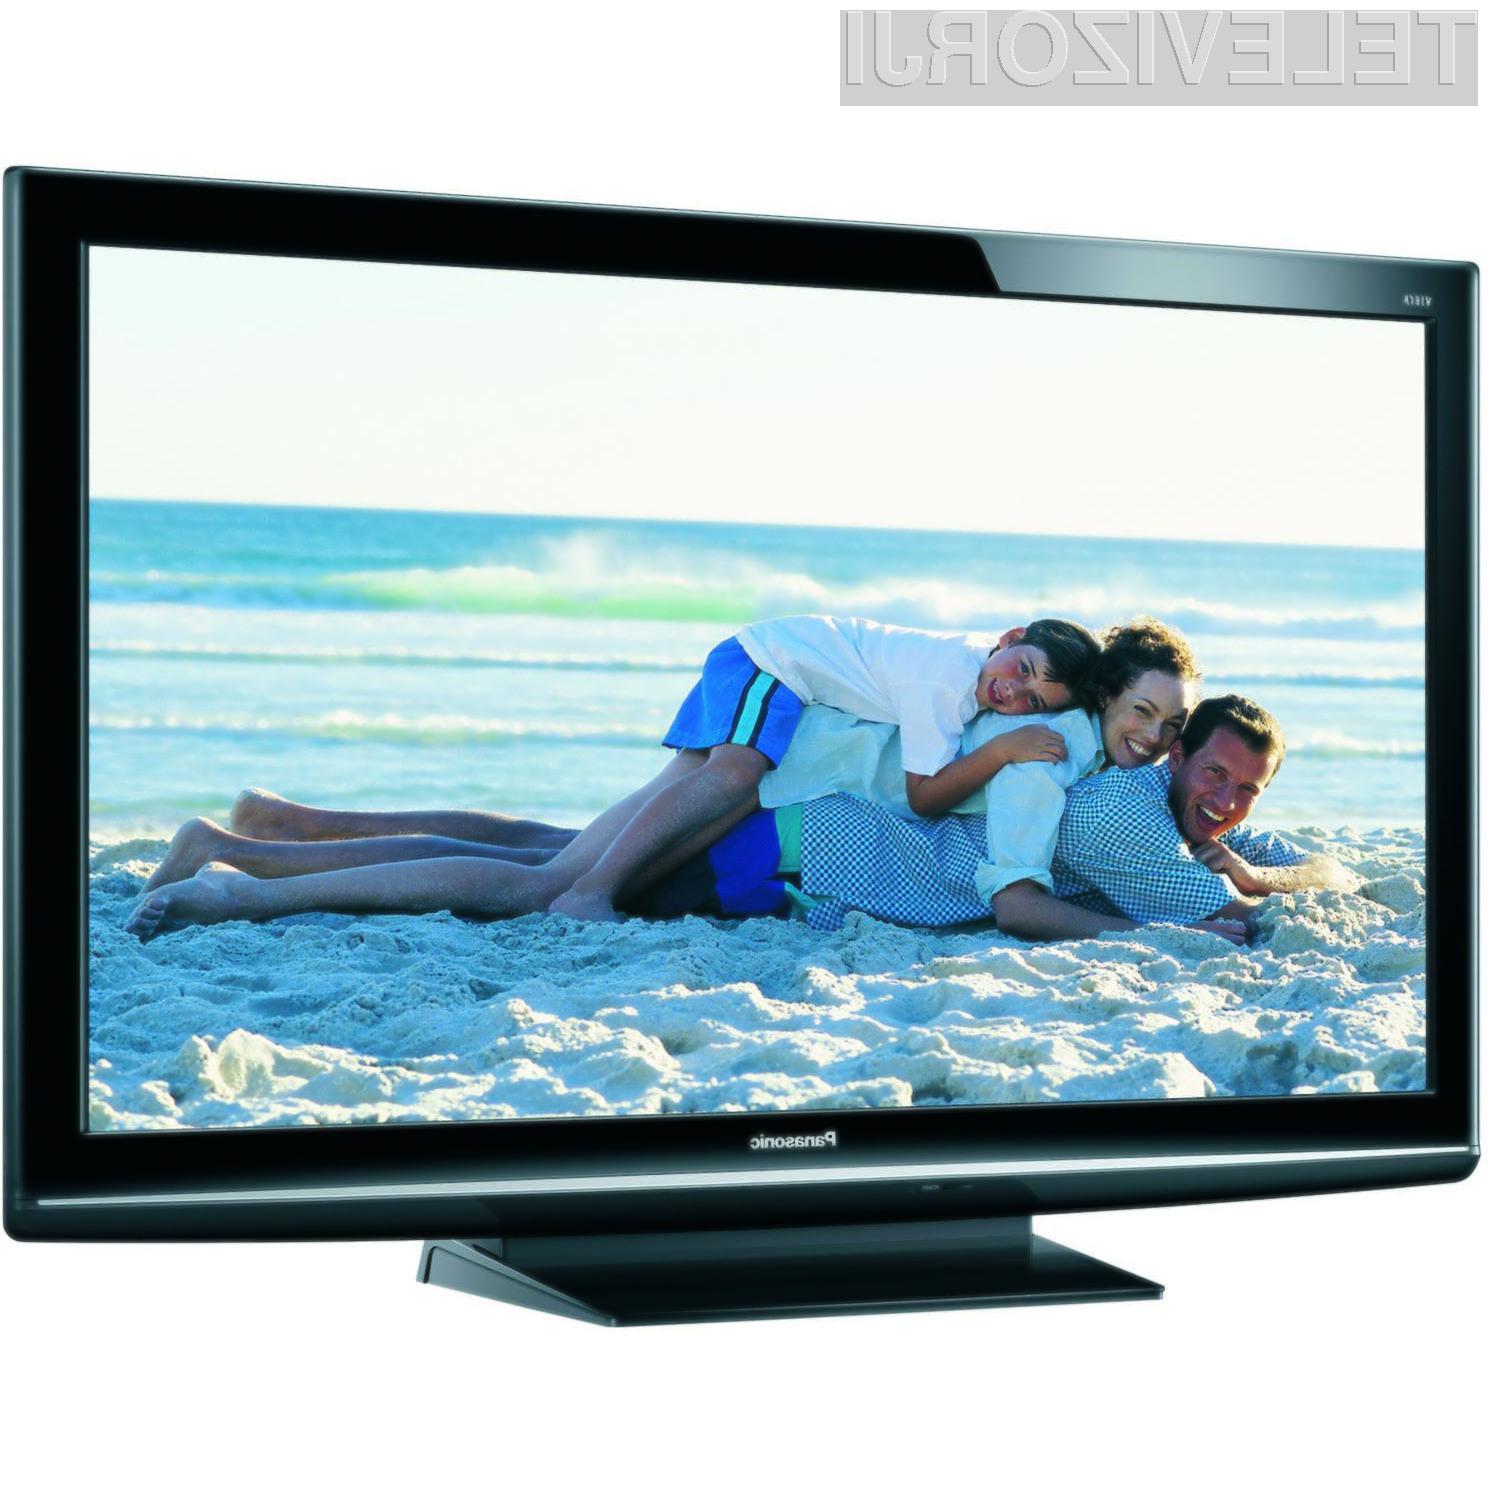 Plazmatski televizorji naj bi bili naprodaj le še slabo leto dni!